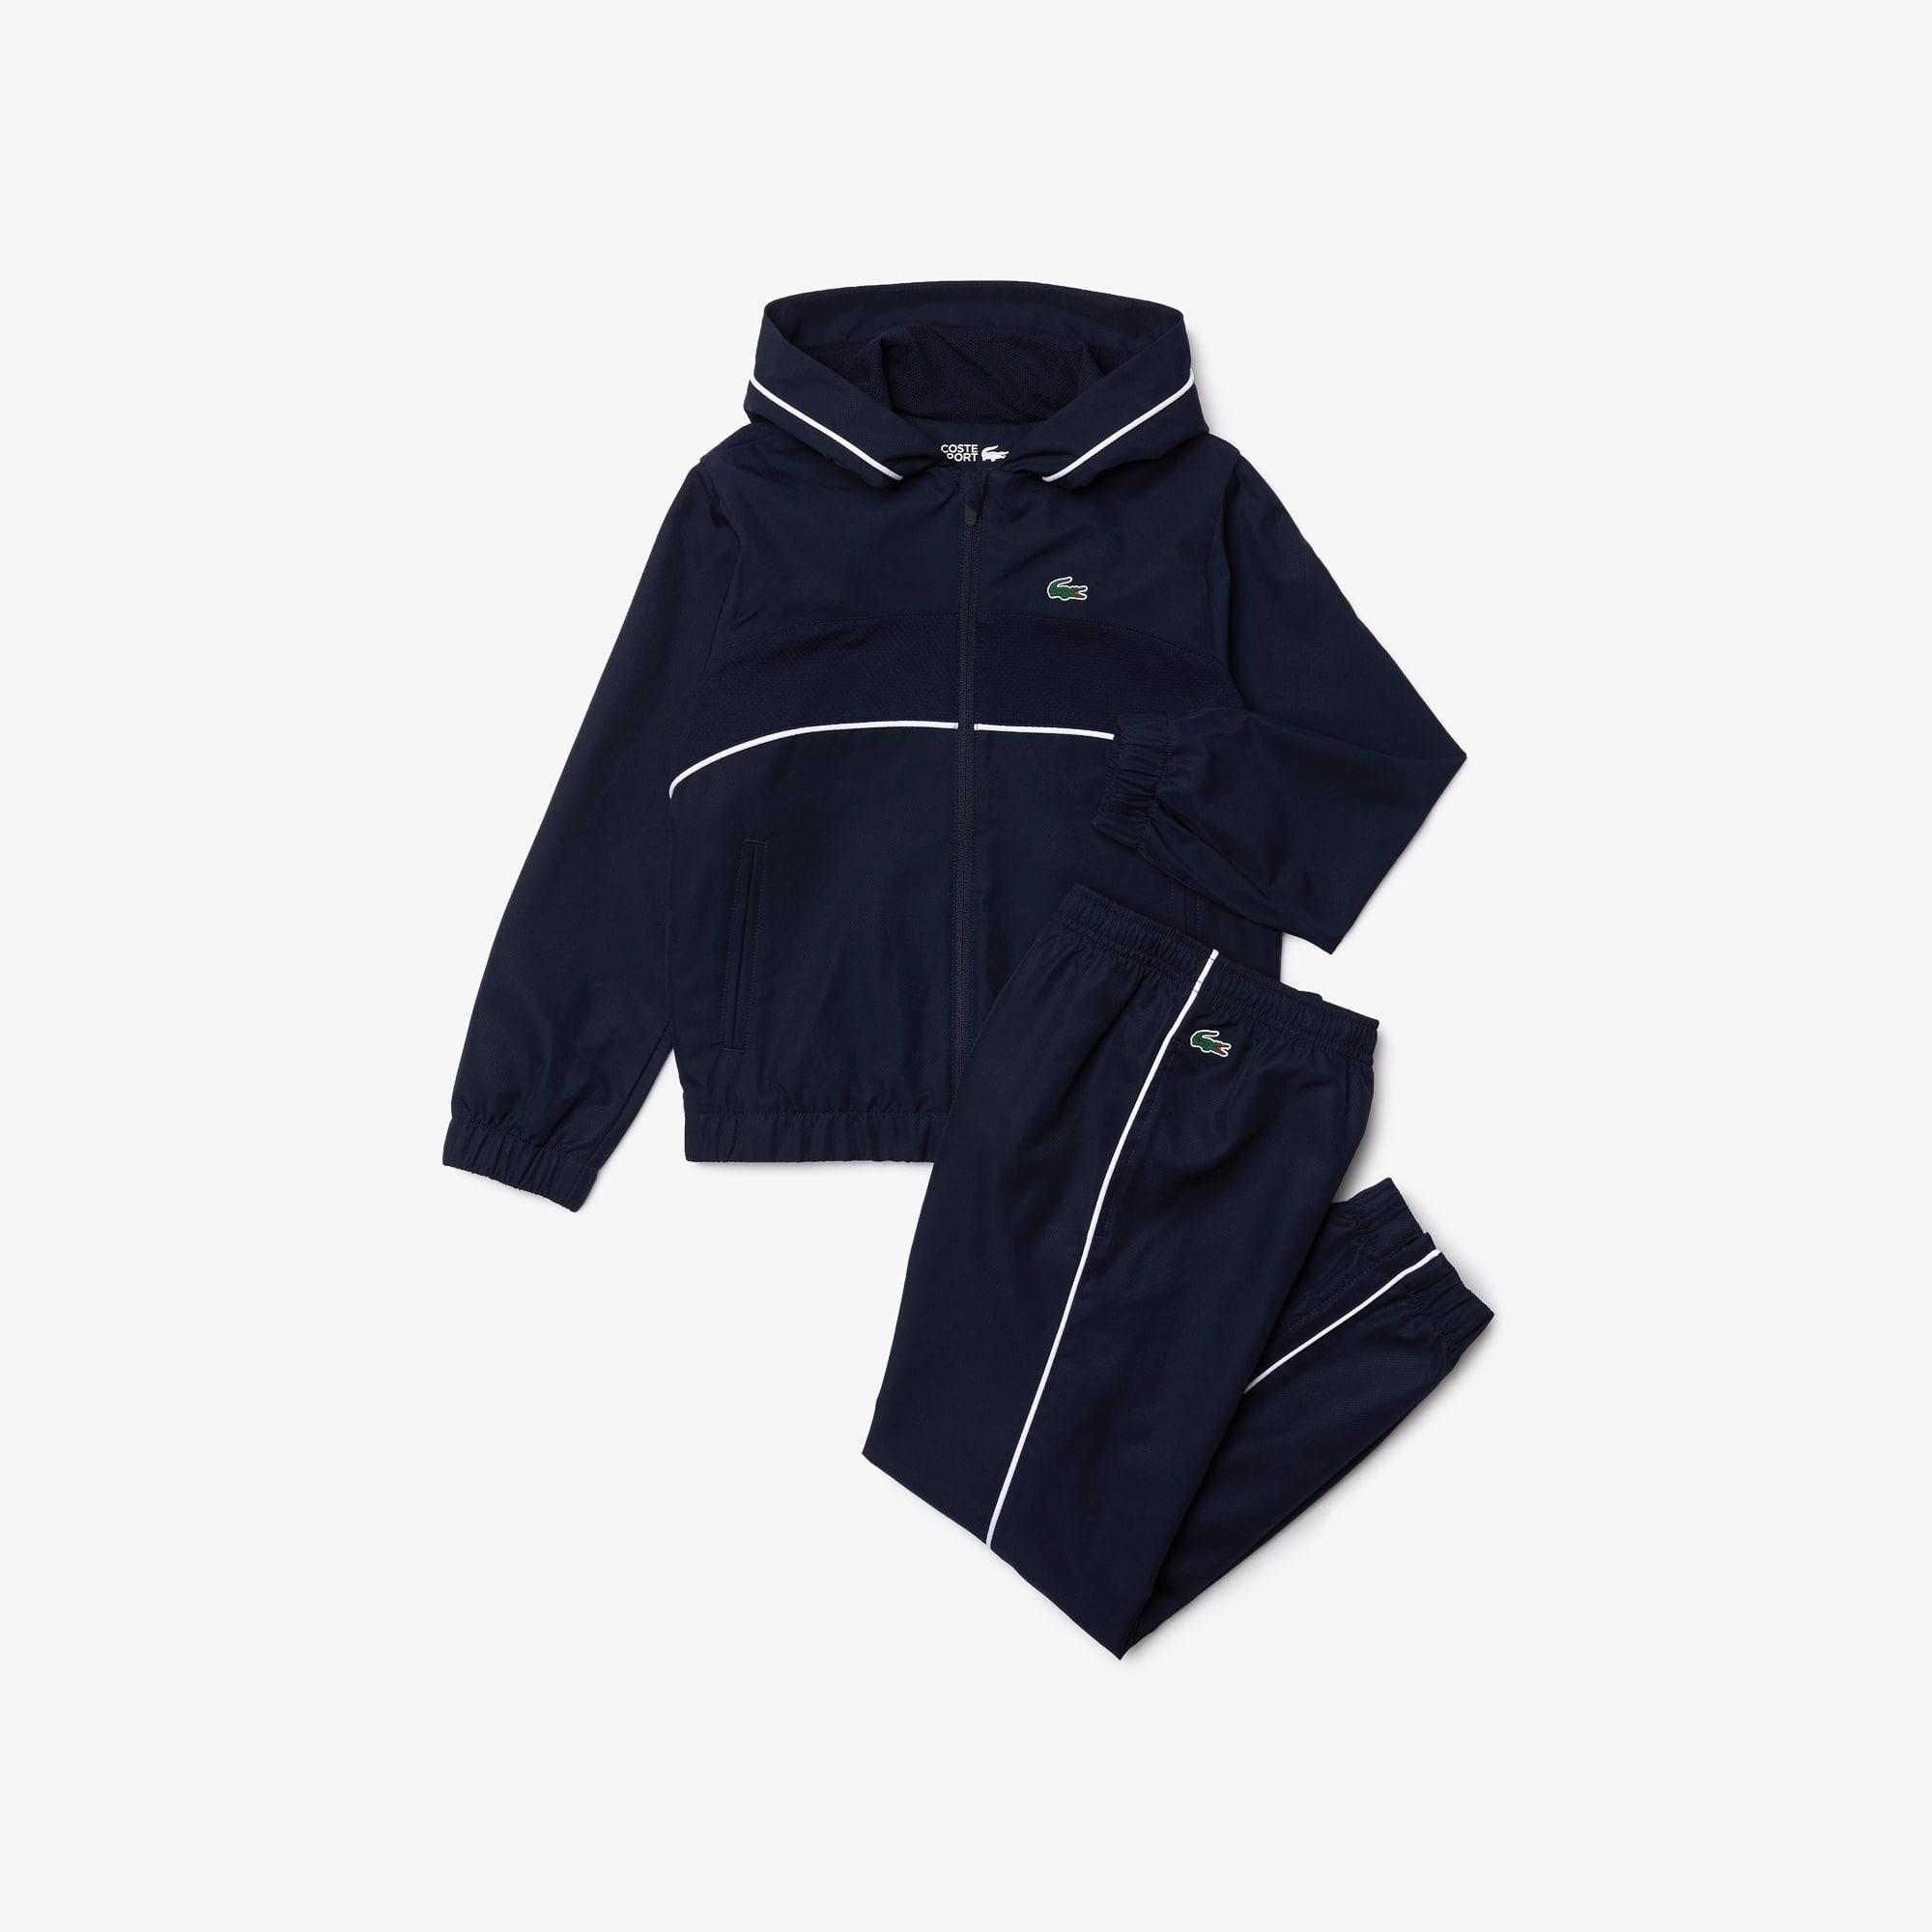 라코스테 Lacoste Boys' SPORT Hooded Tennis Tracksuit,Navy Blue / White 525